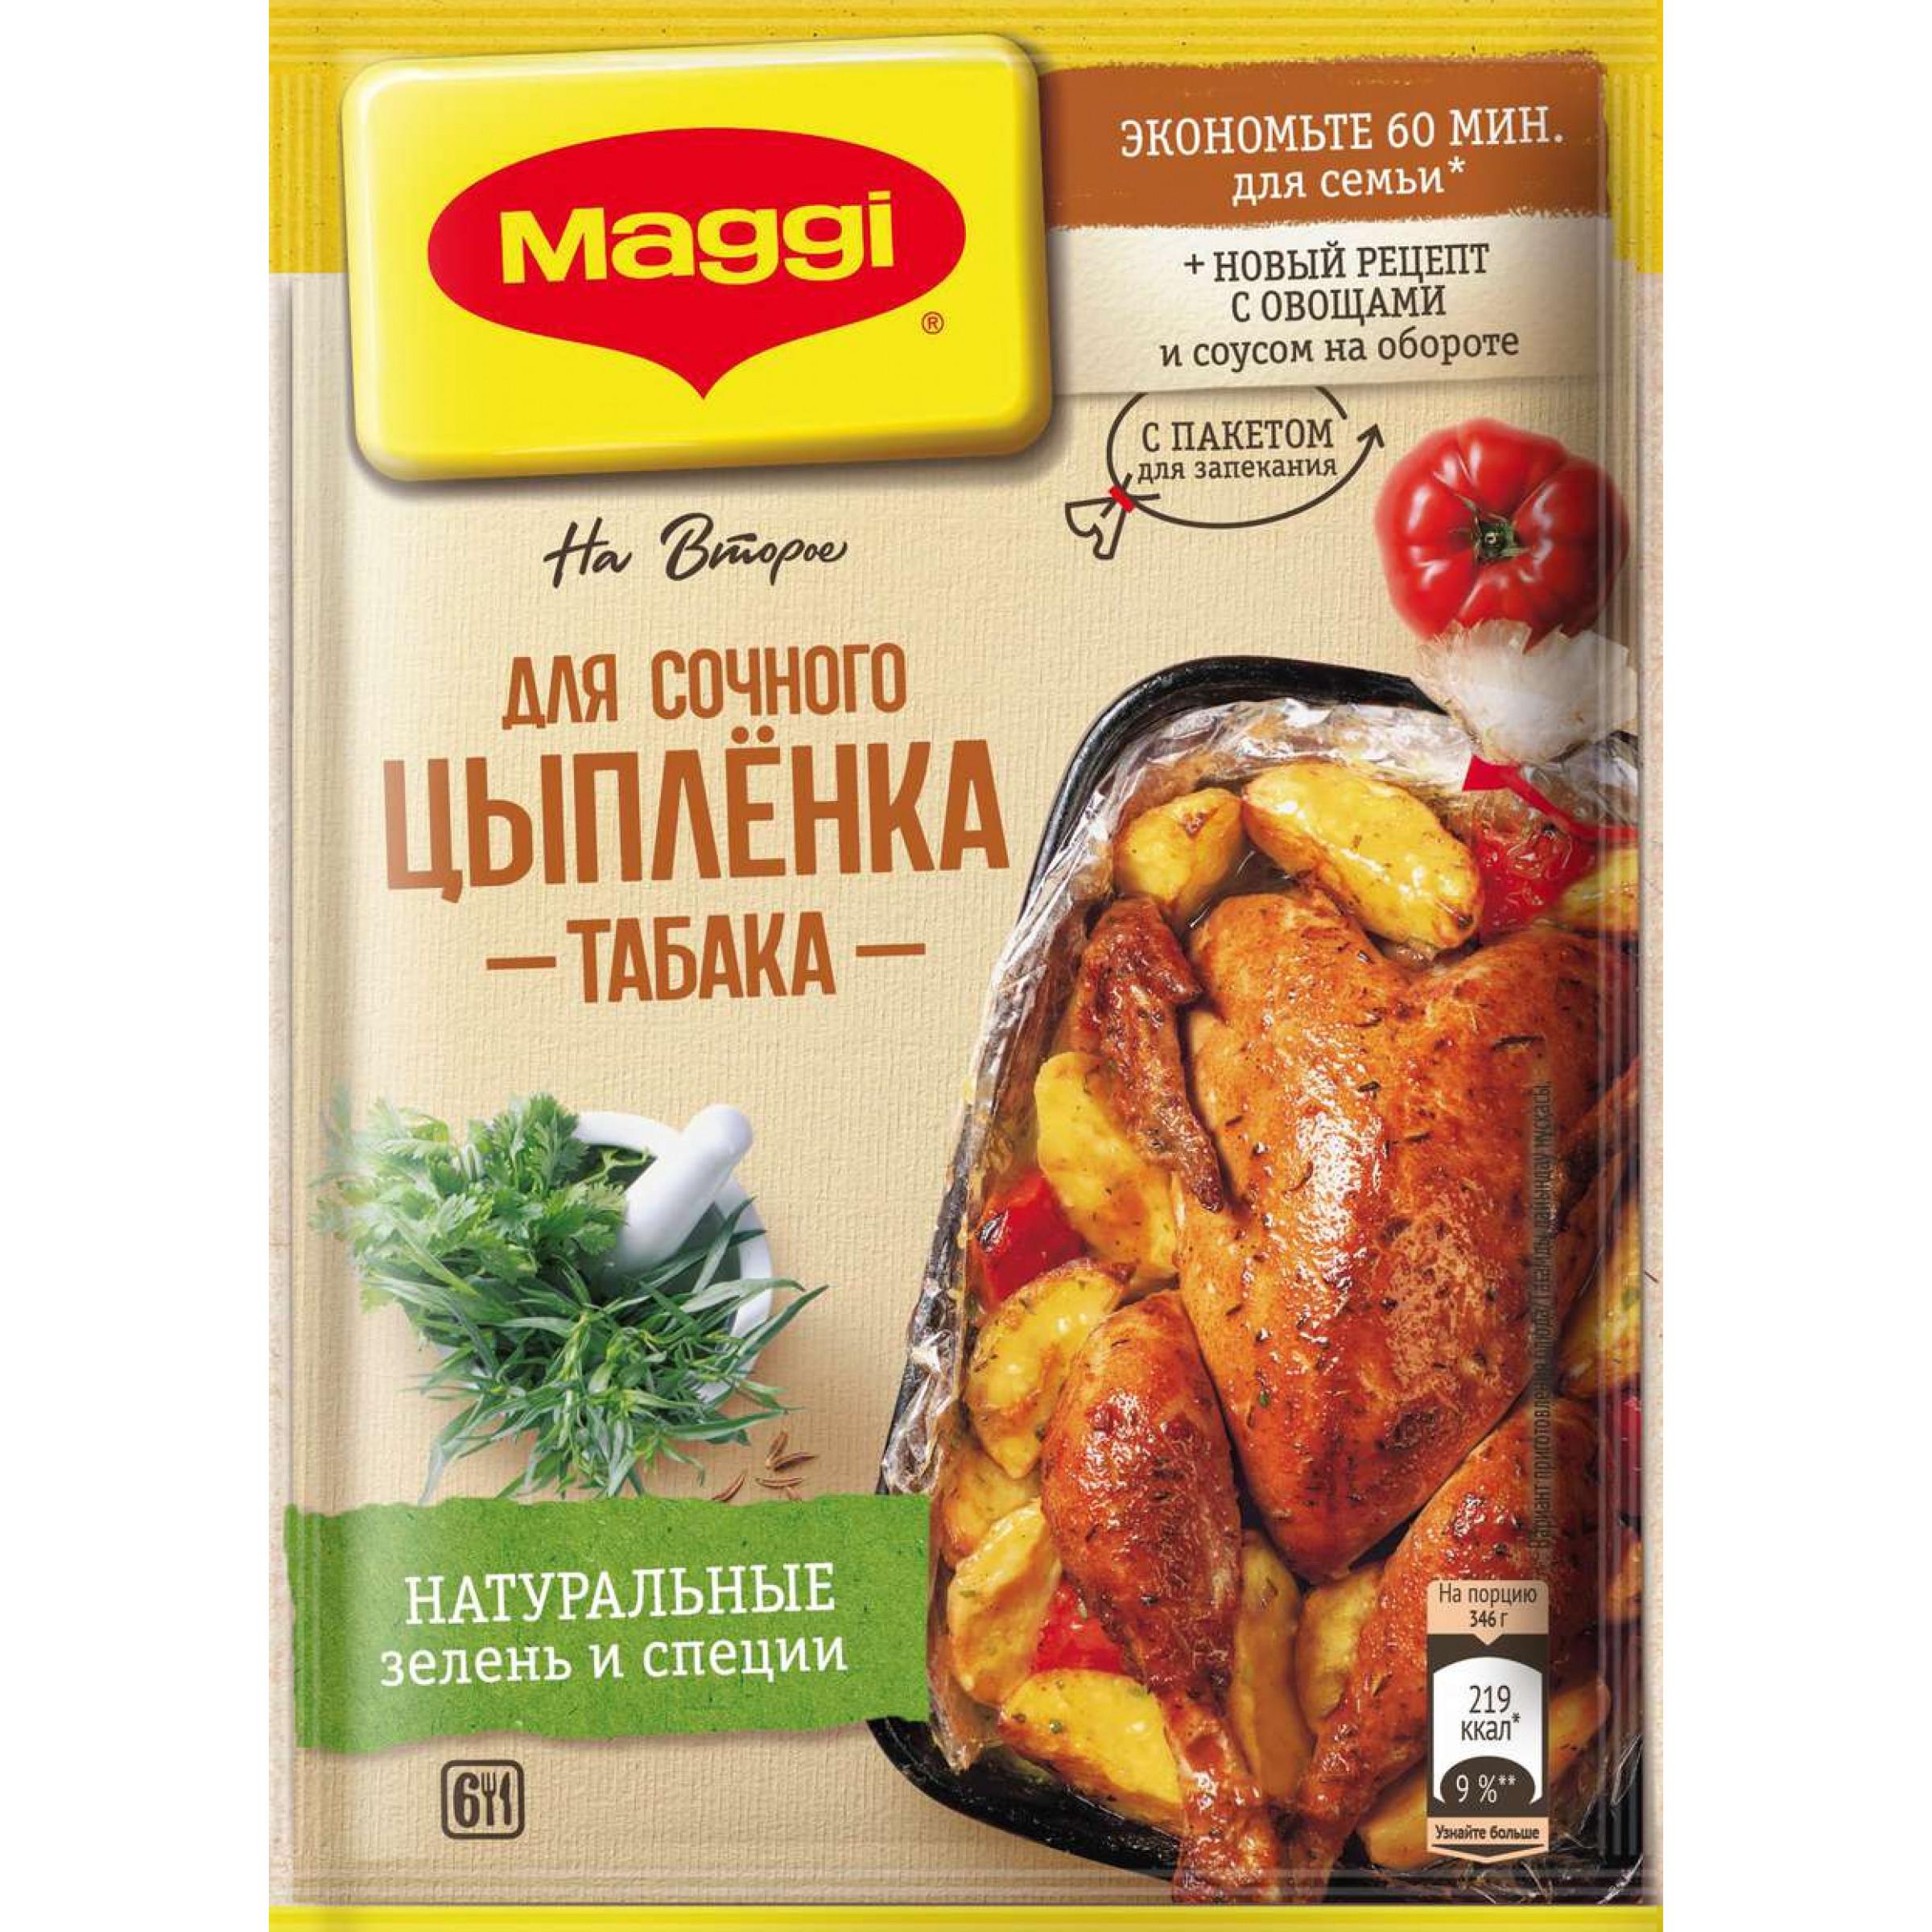 Магги на второе Смесь сухая для Сочного Цыпленка Табака, 47 гр